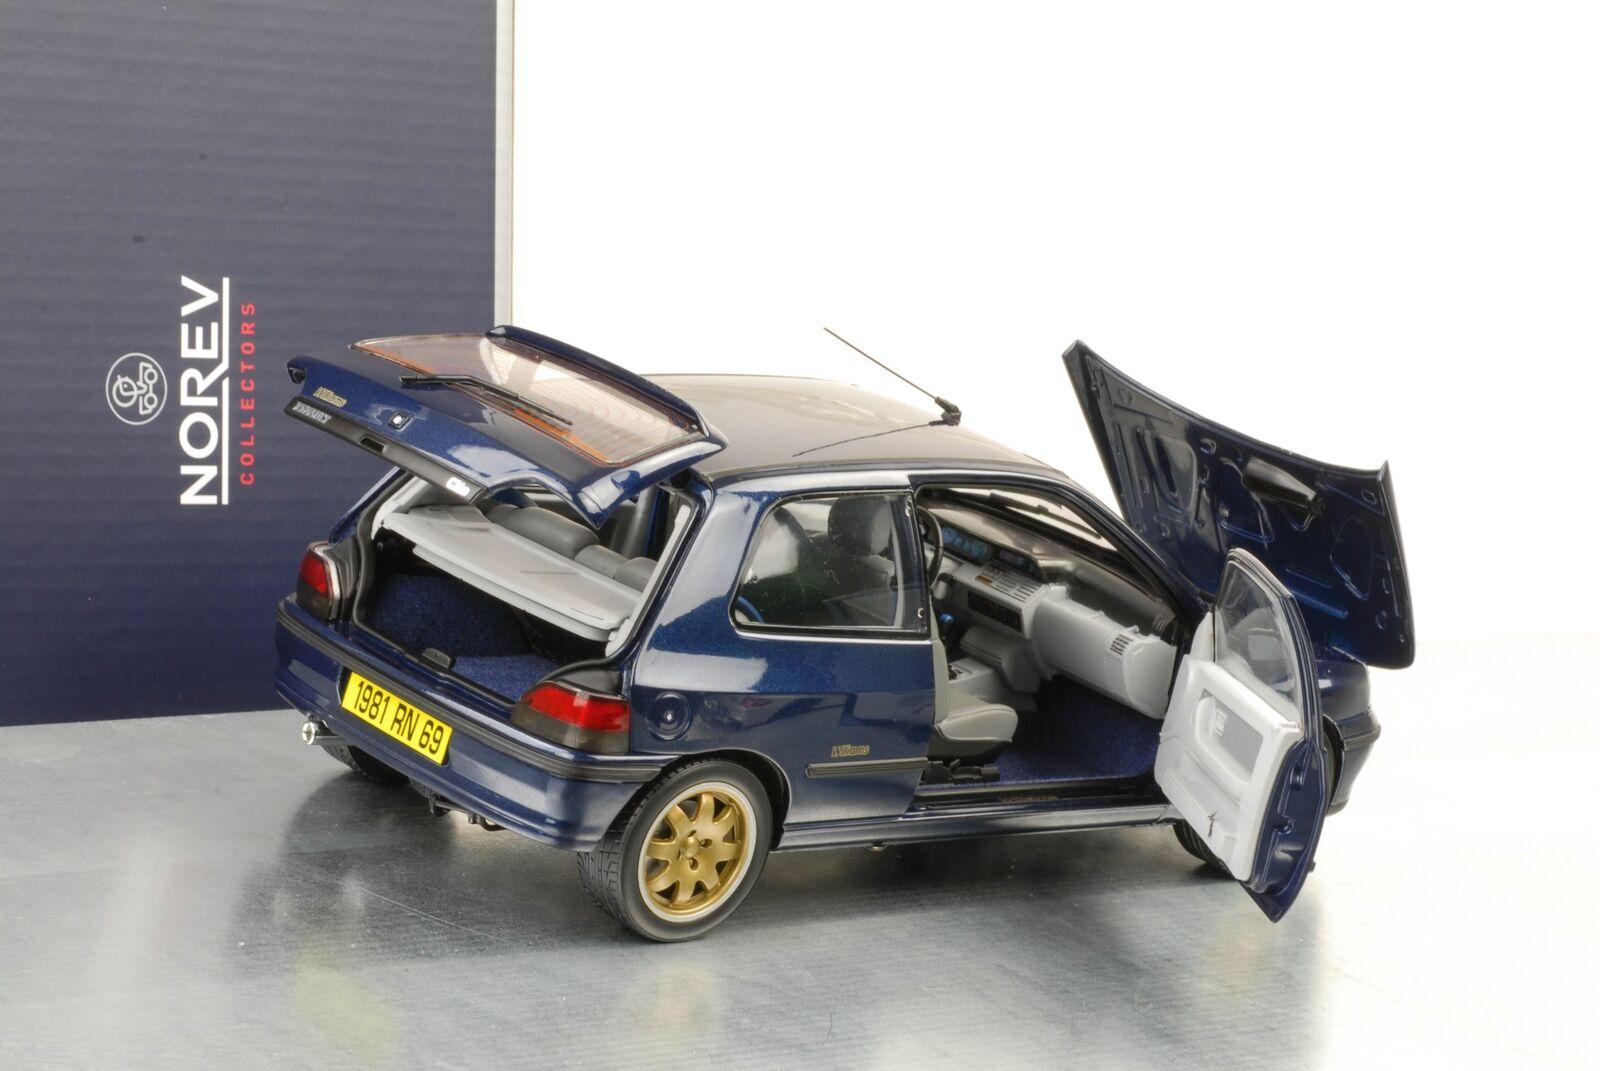 1994 renault clio williams phase I  Bleu Métallisé Voiture Miniature 1 18 Norev 185230  il y a plus de marques de produits de haute qualité